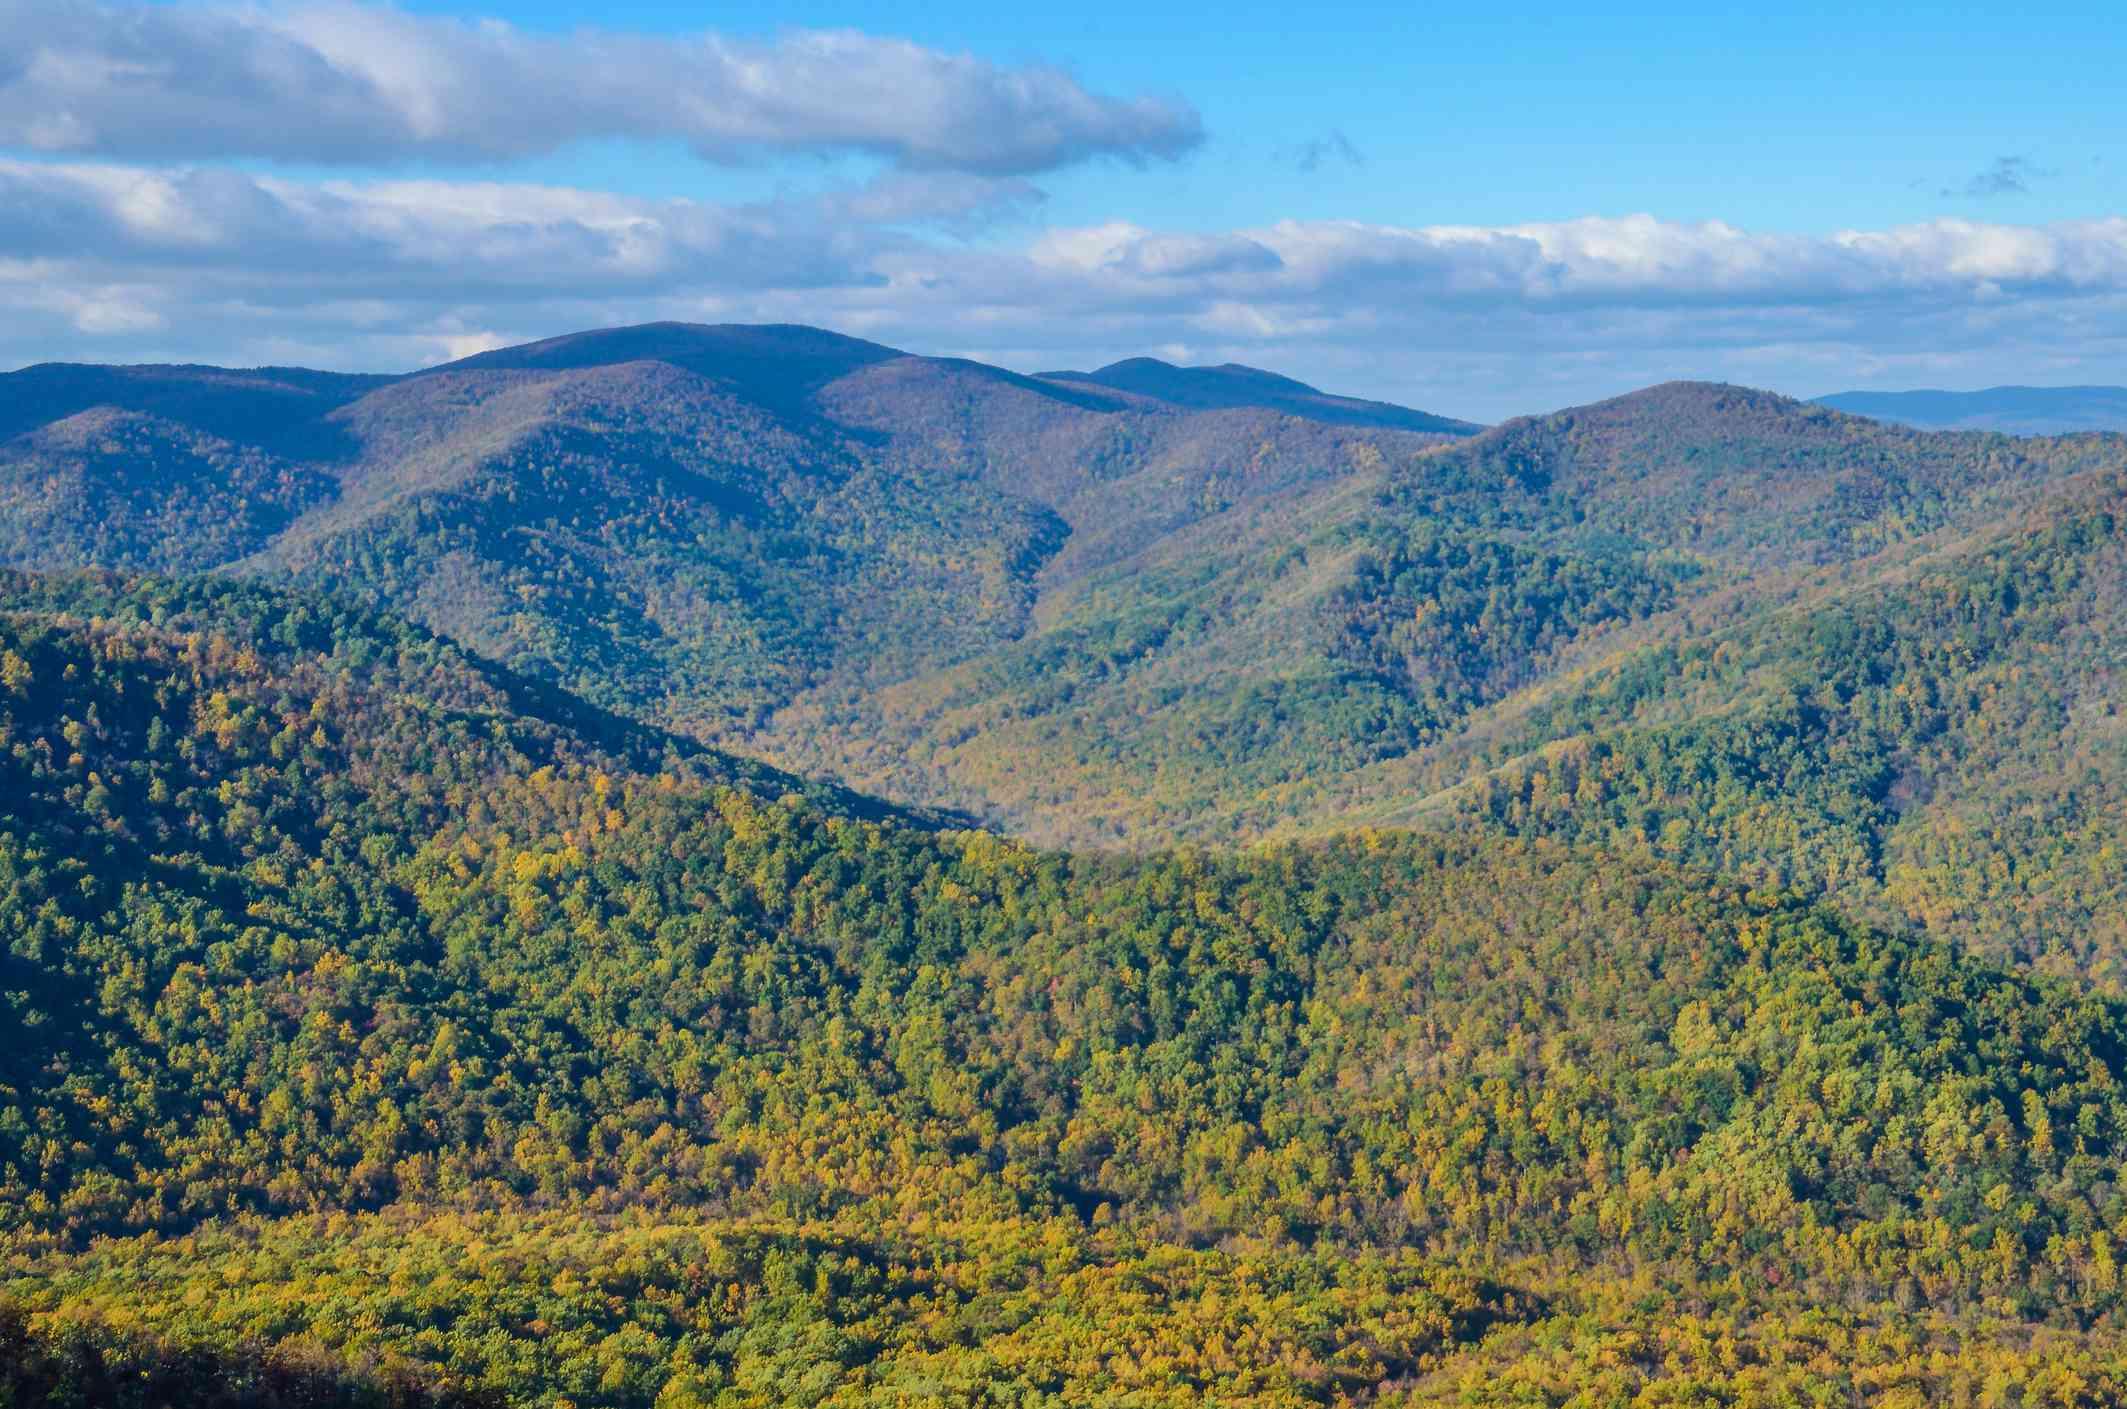 Vista a la antigua montaña de trapo en Shenandoah, Virginia, con follaje amarillo y dorado en los bosques